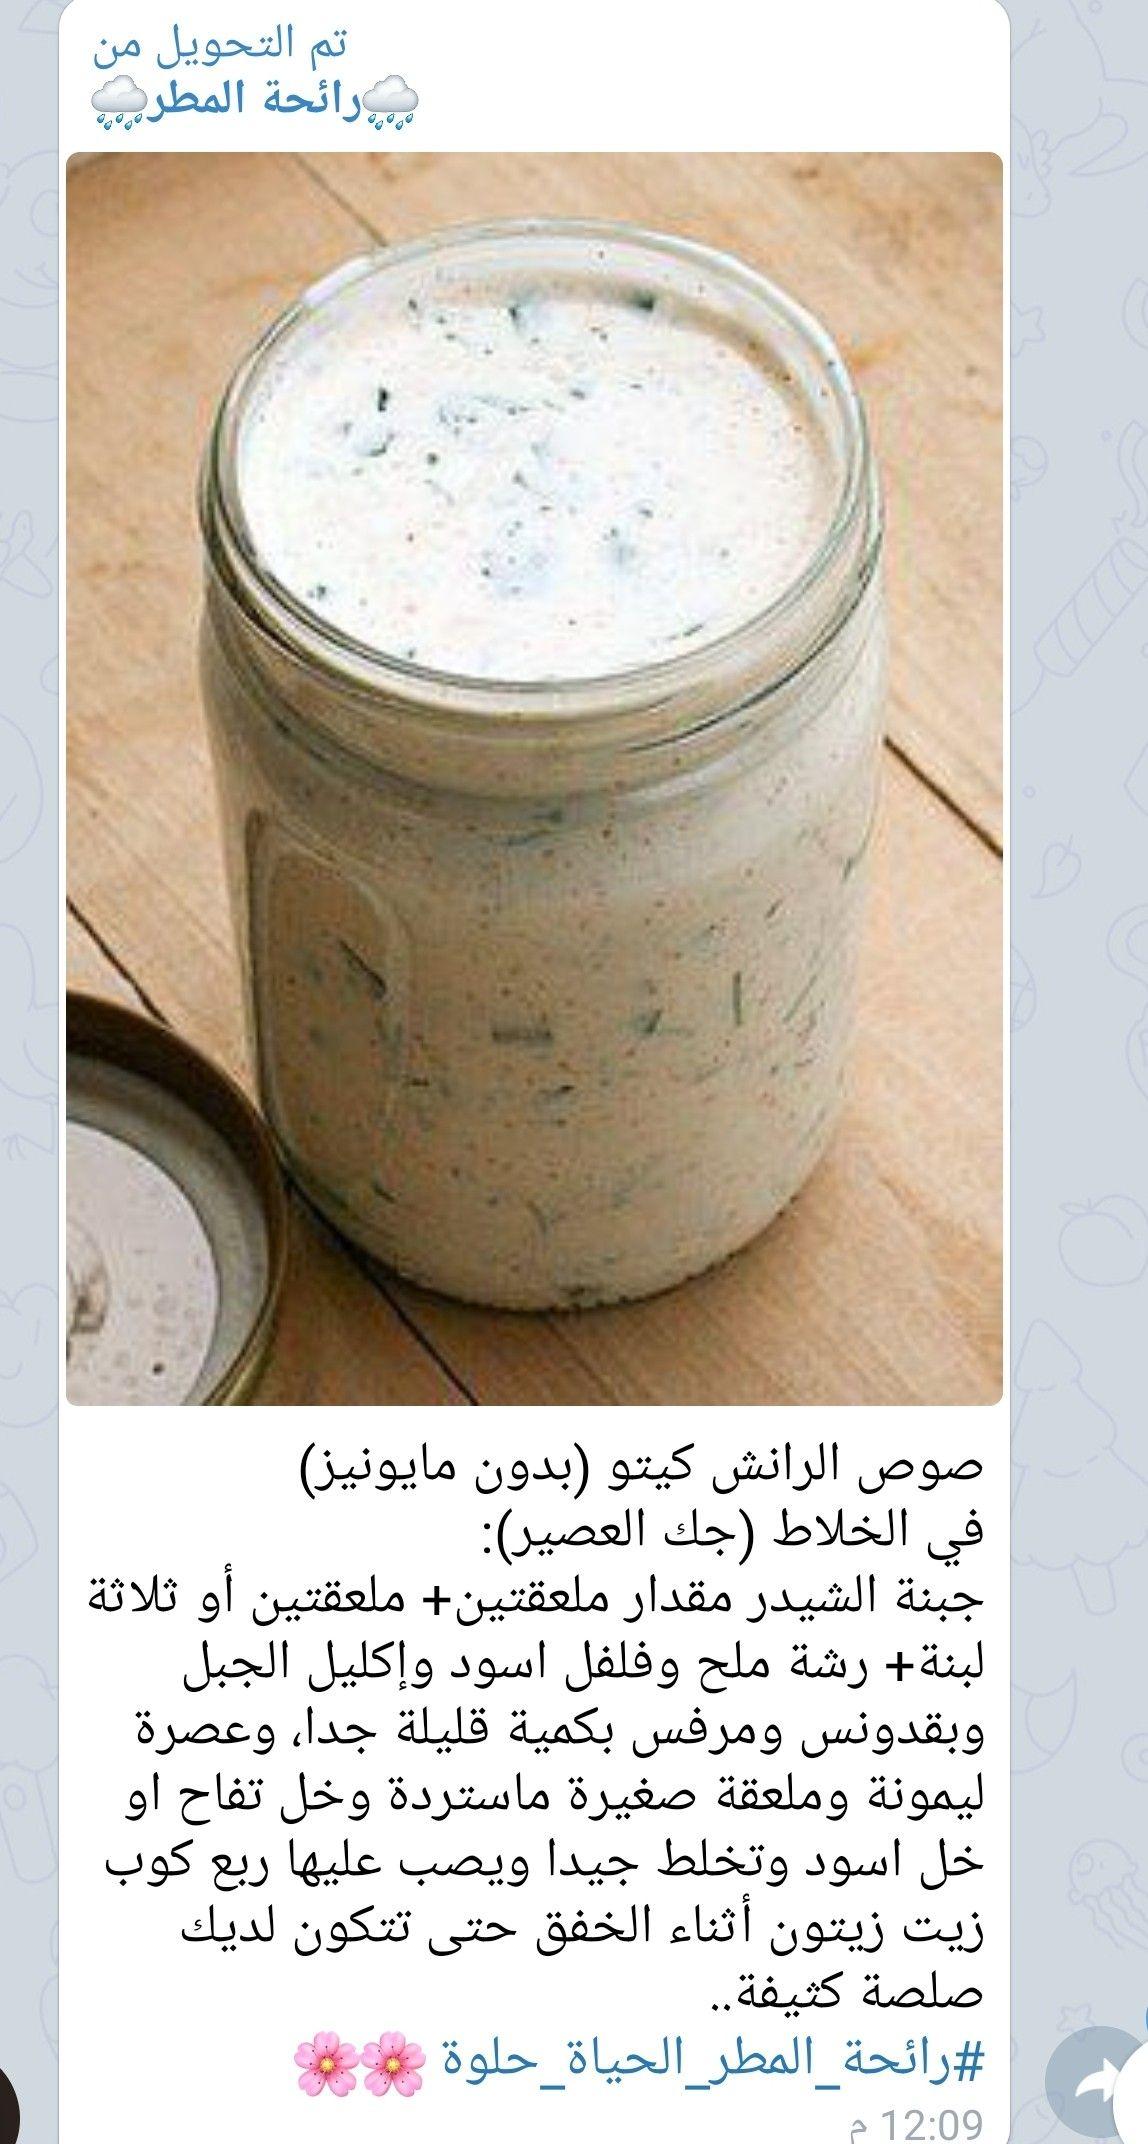 Pin By Dodi On وصفات من كل بلدان العربية In 2021 Food Keto Recipes Recipes